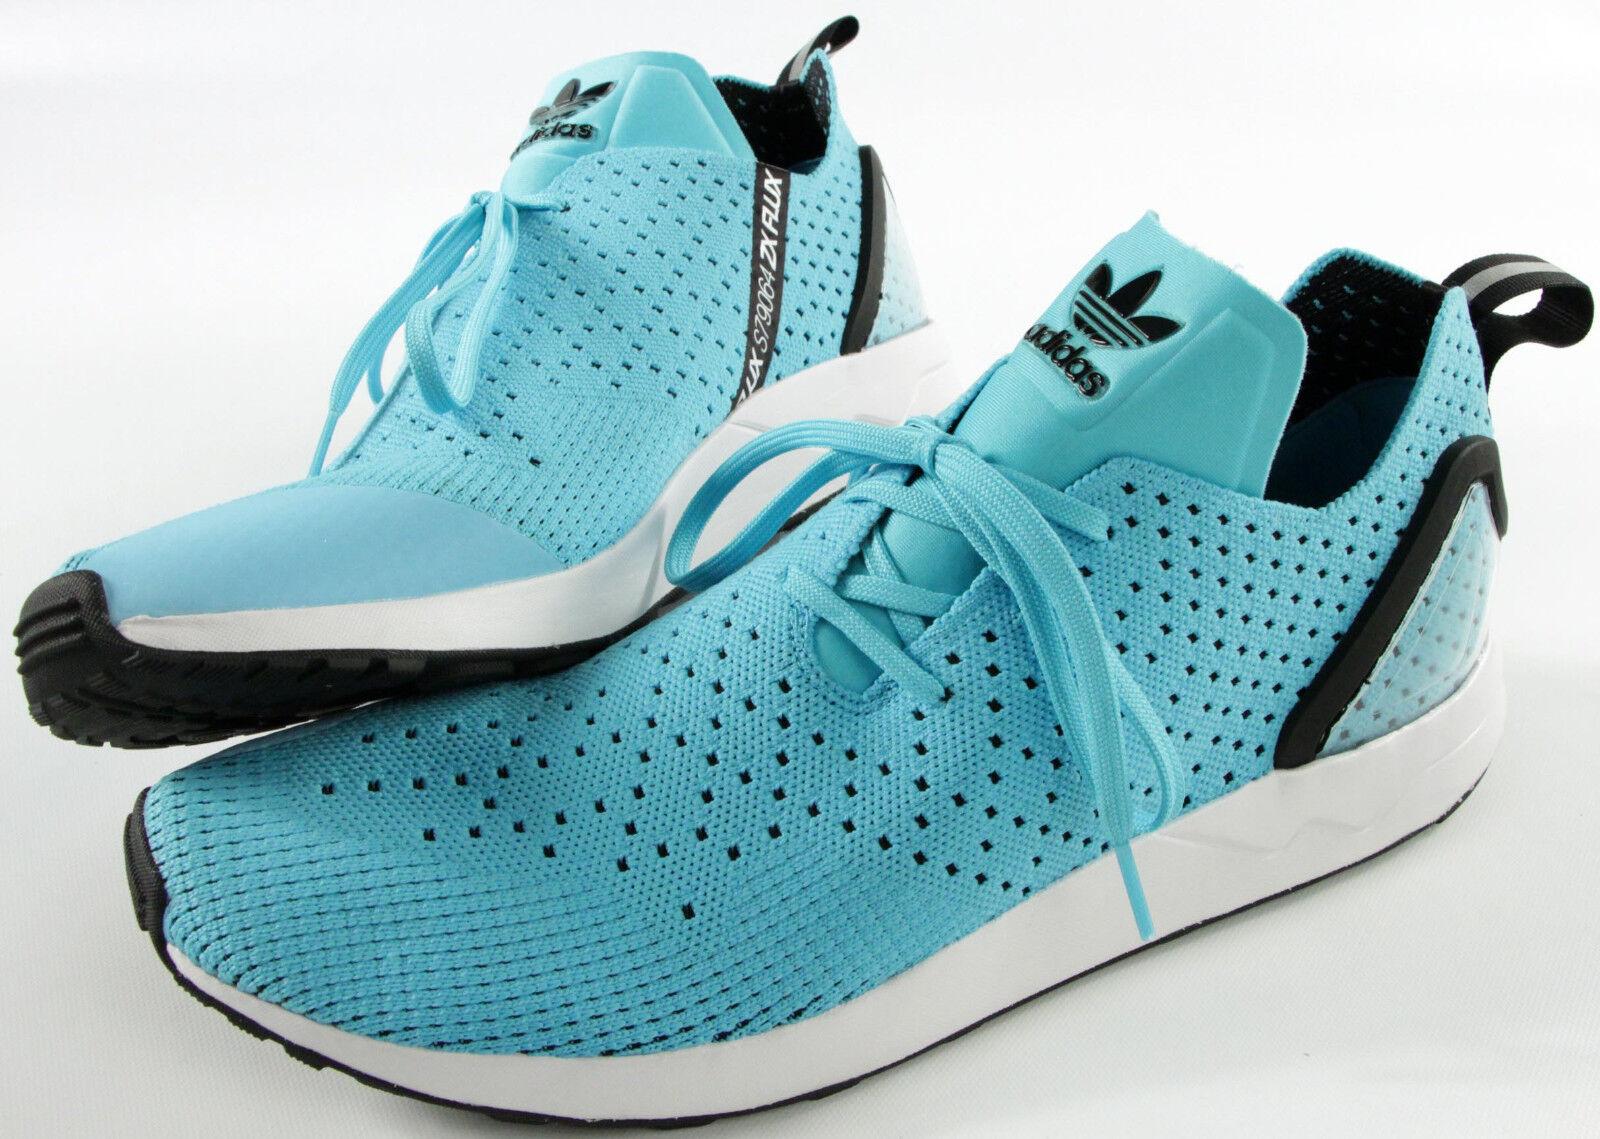 Adidas Originals ZX flujo Racer primeknit beneficios reducción estacional Zapatos-12-new-price recortes de precios, beneficios primeknit de descuentos 2a38d5